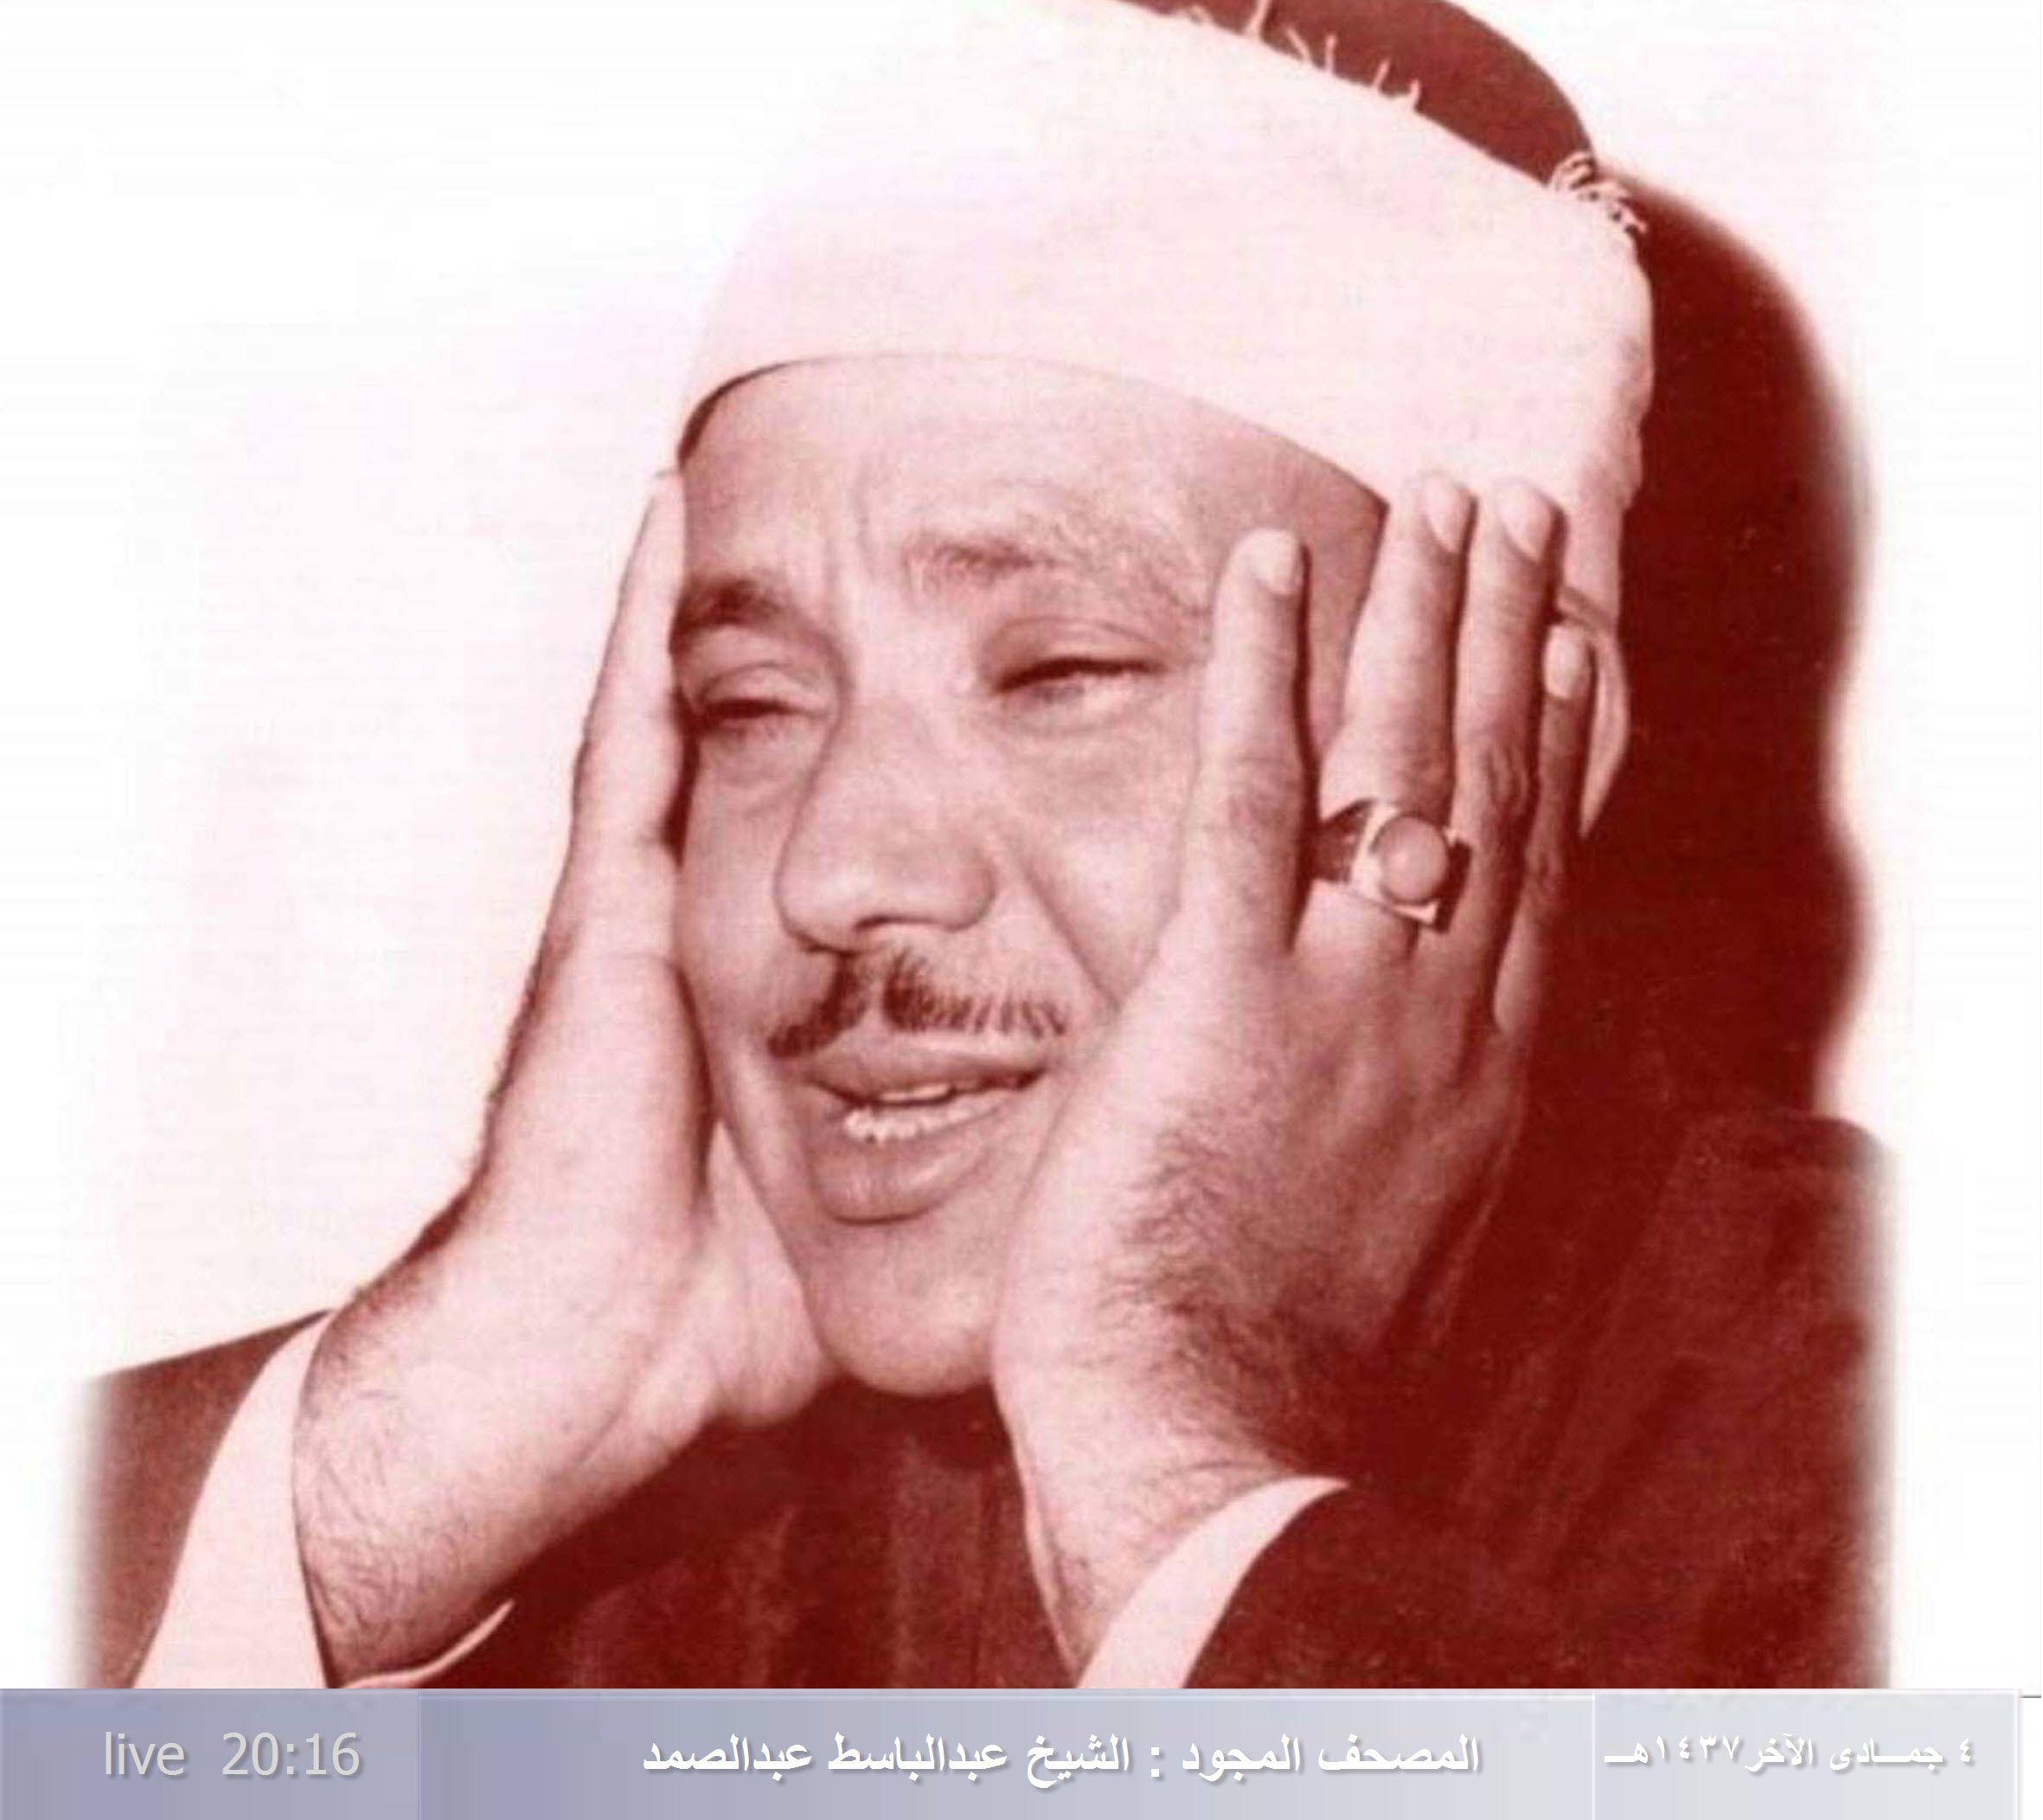 Le saint Coran de Abdel Basset Abdel-Samad (27 CD Tarteel) - المصحف المرتل عبدالباسط  عبد الصمد - Abdel Basset Abdel-Samad عبدالباسط عبد الصمد